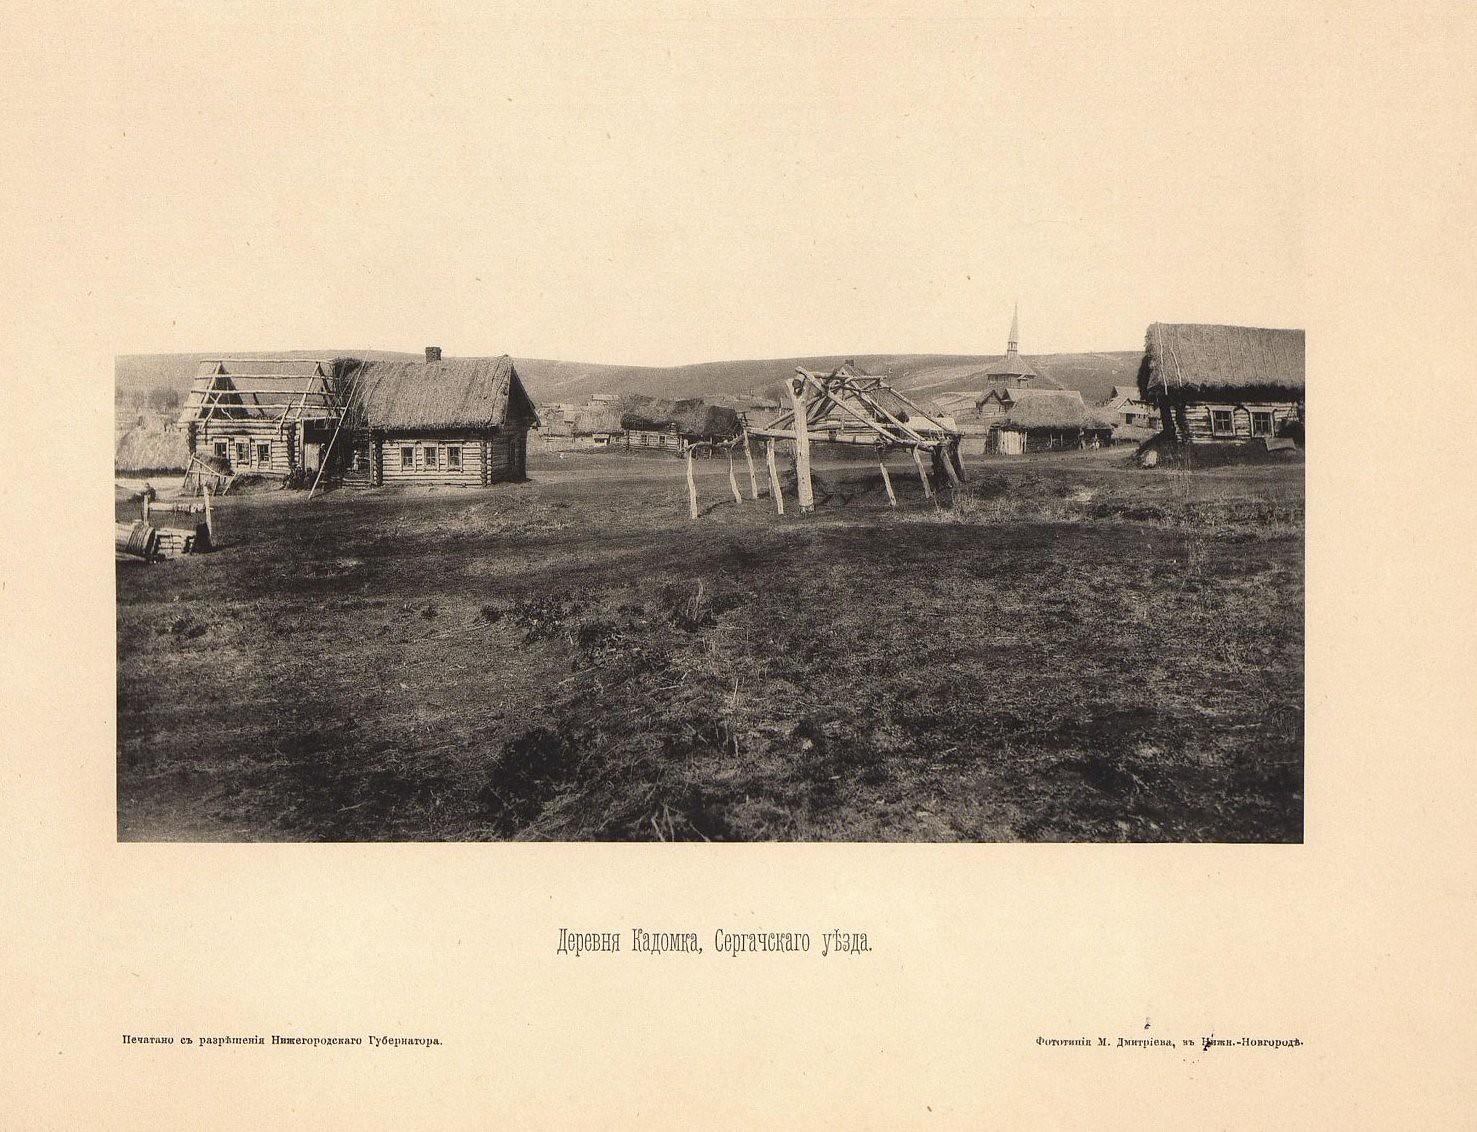 09. Деревня Кадомка Сергачского уезда